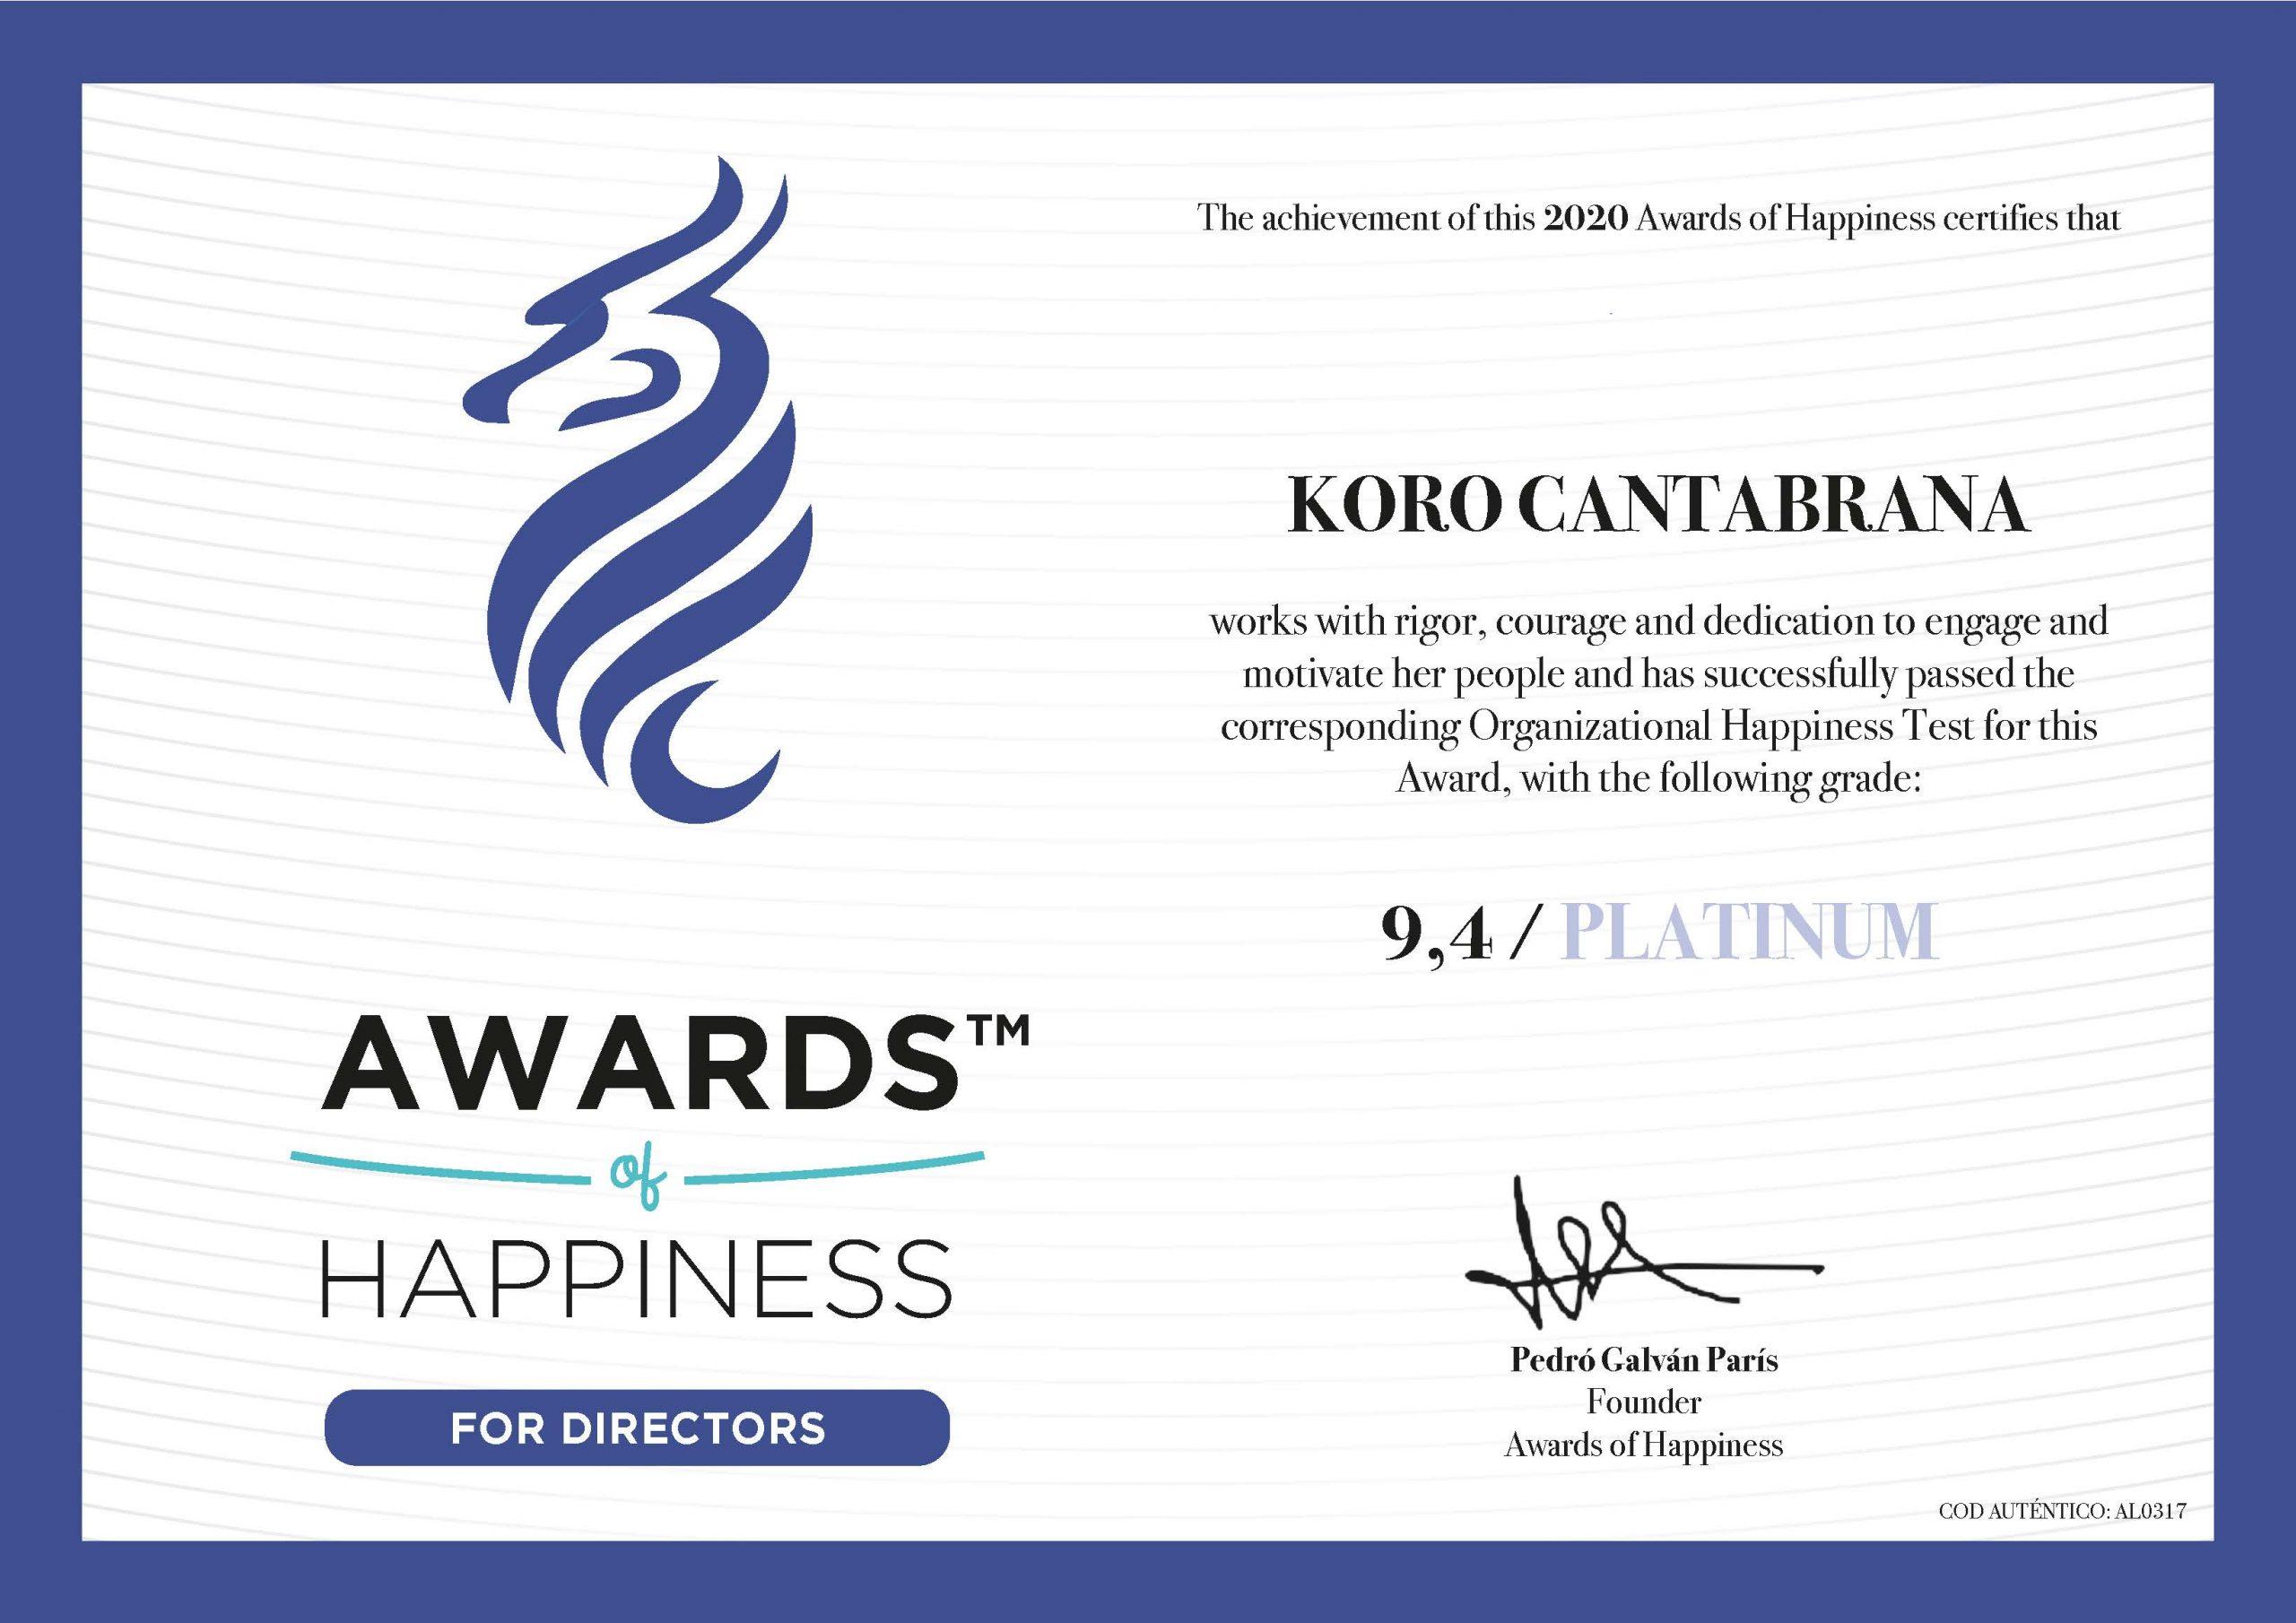 Koro Cantabrana Awards of Happyness Director